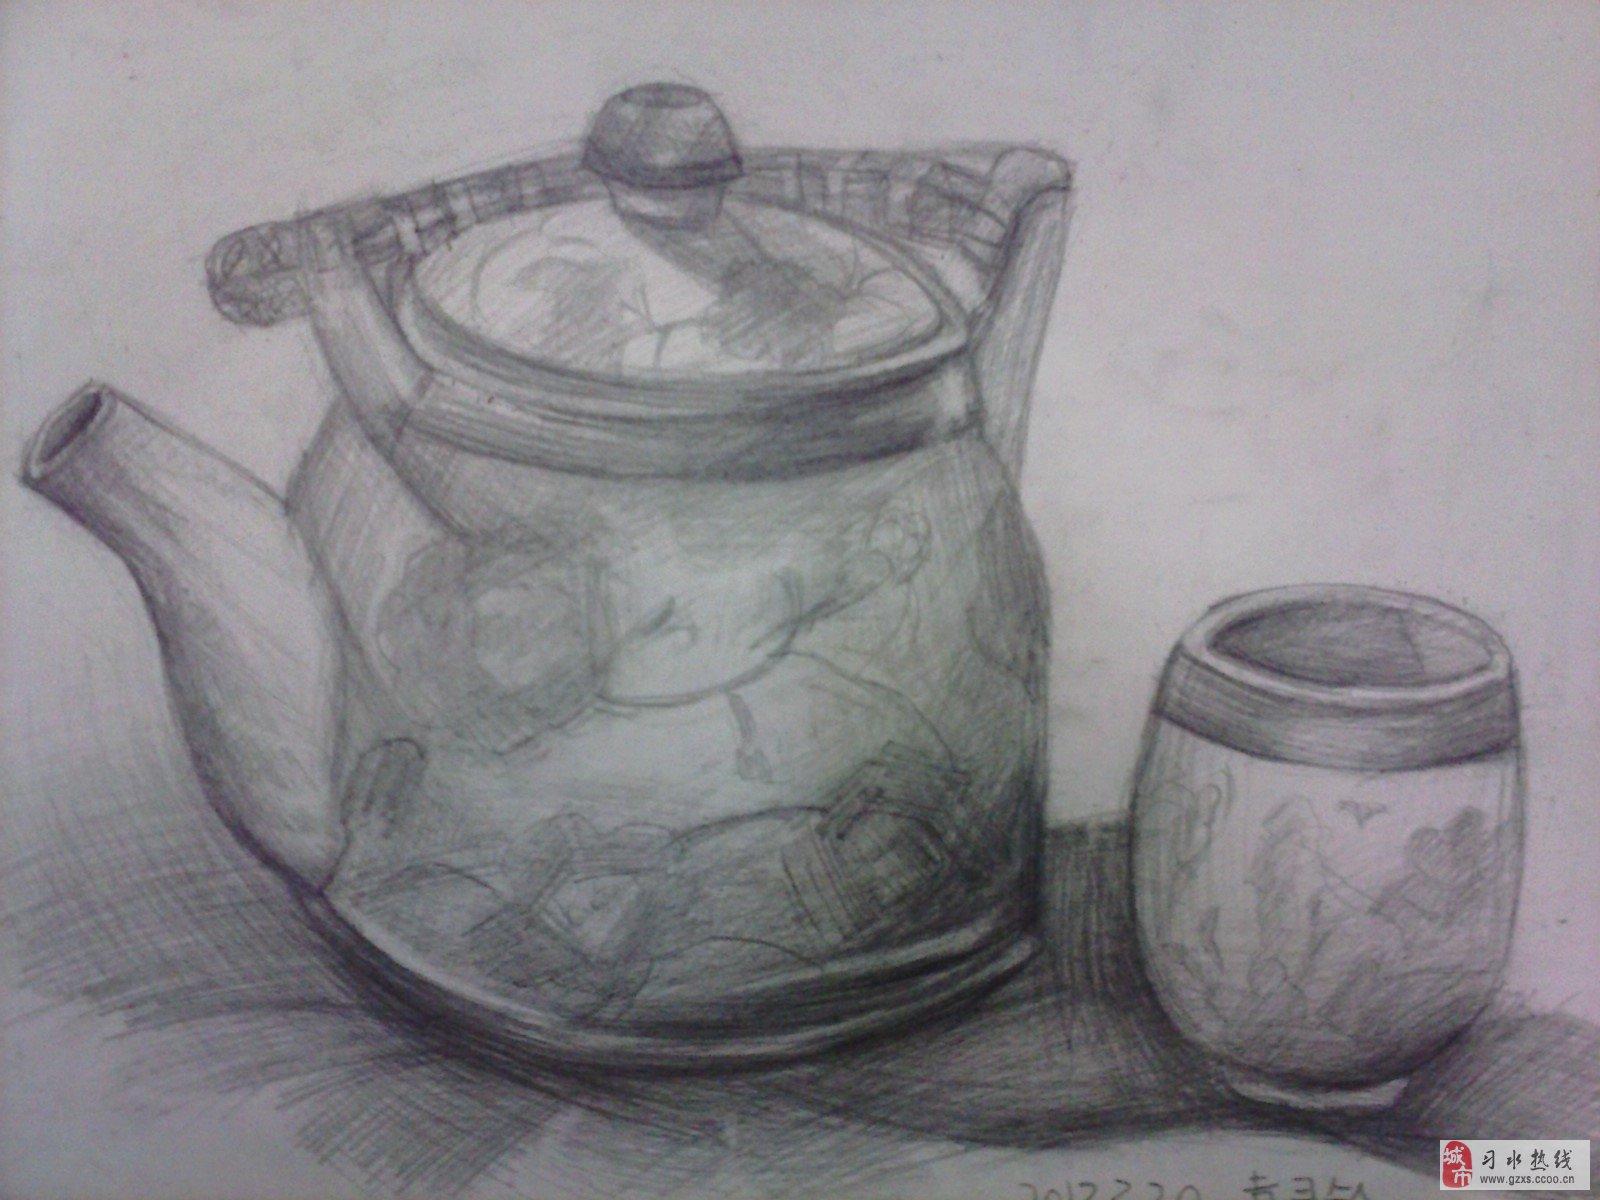 茶壶 壶 素描 1600_1200